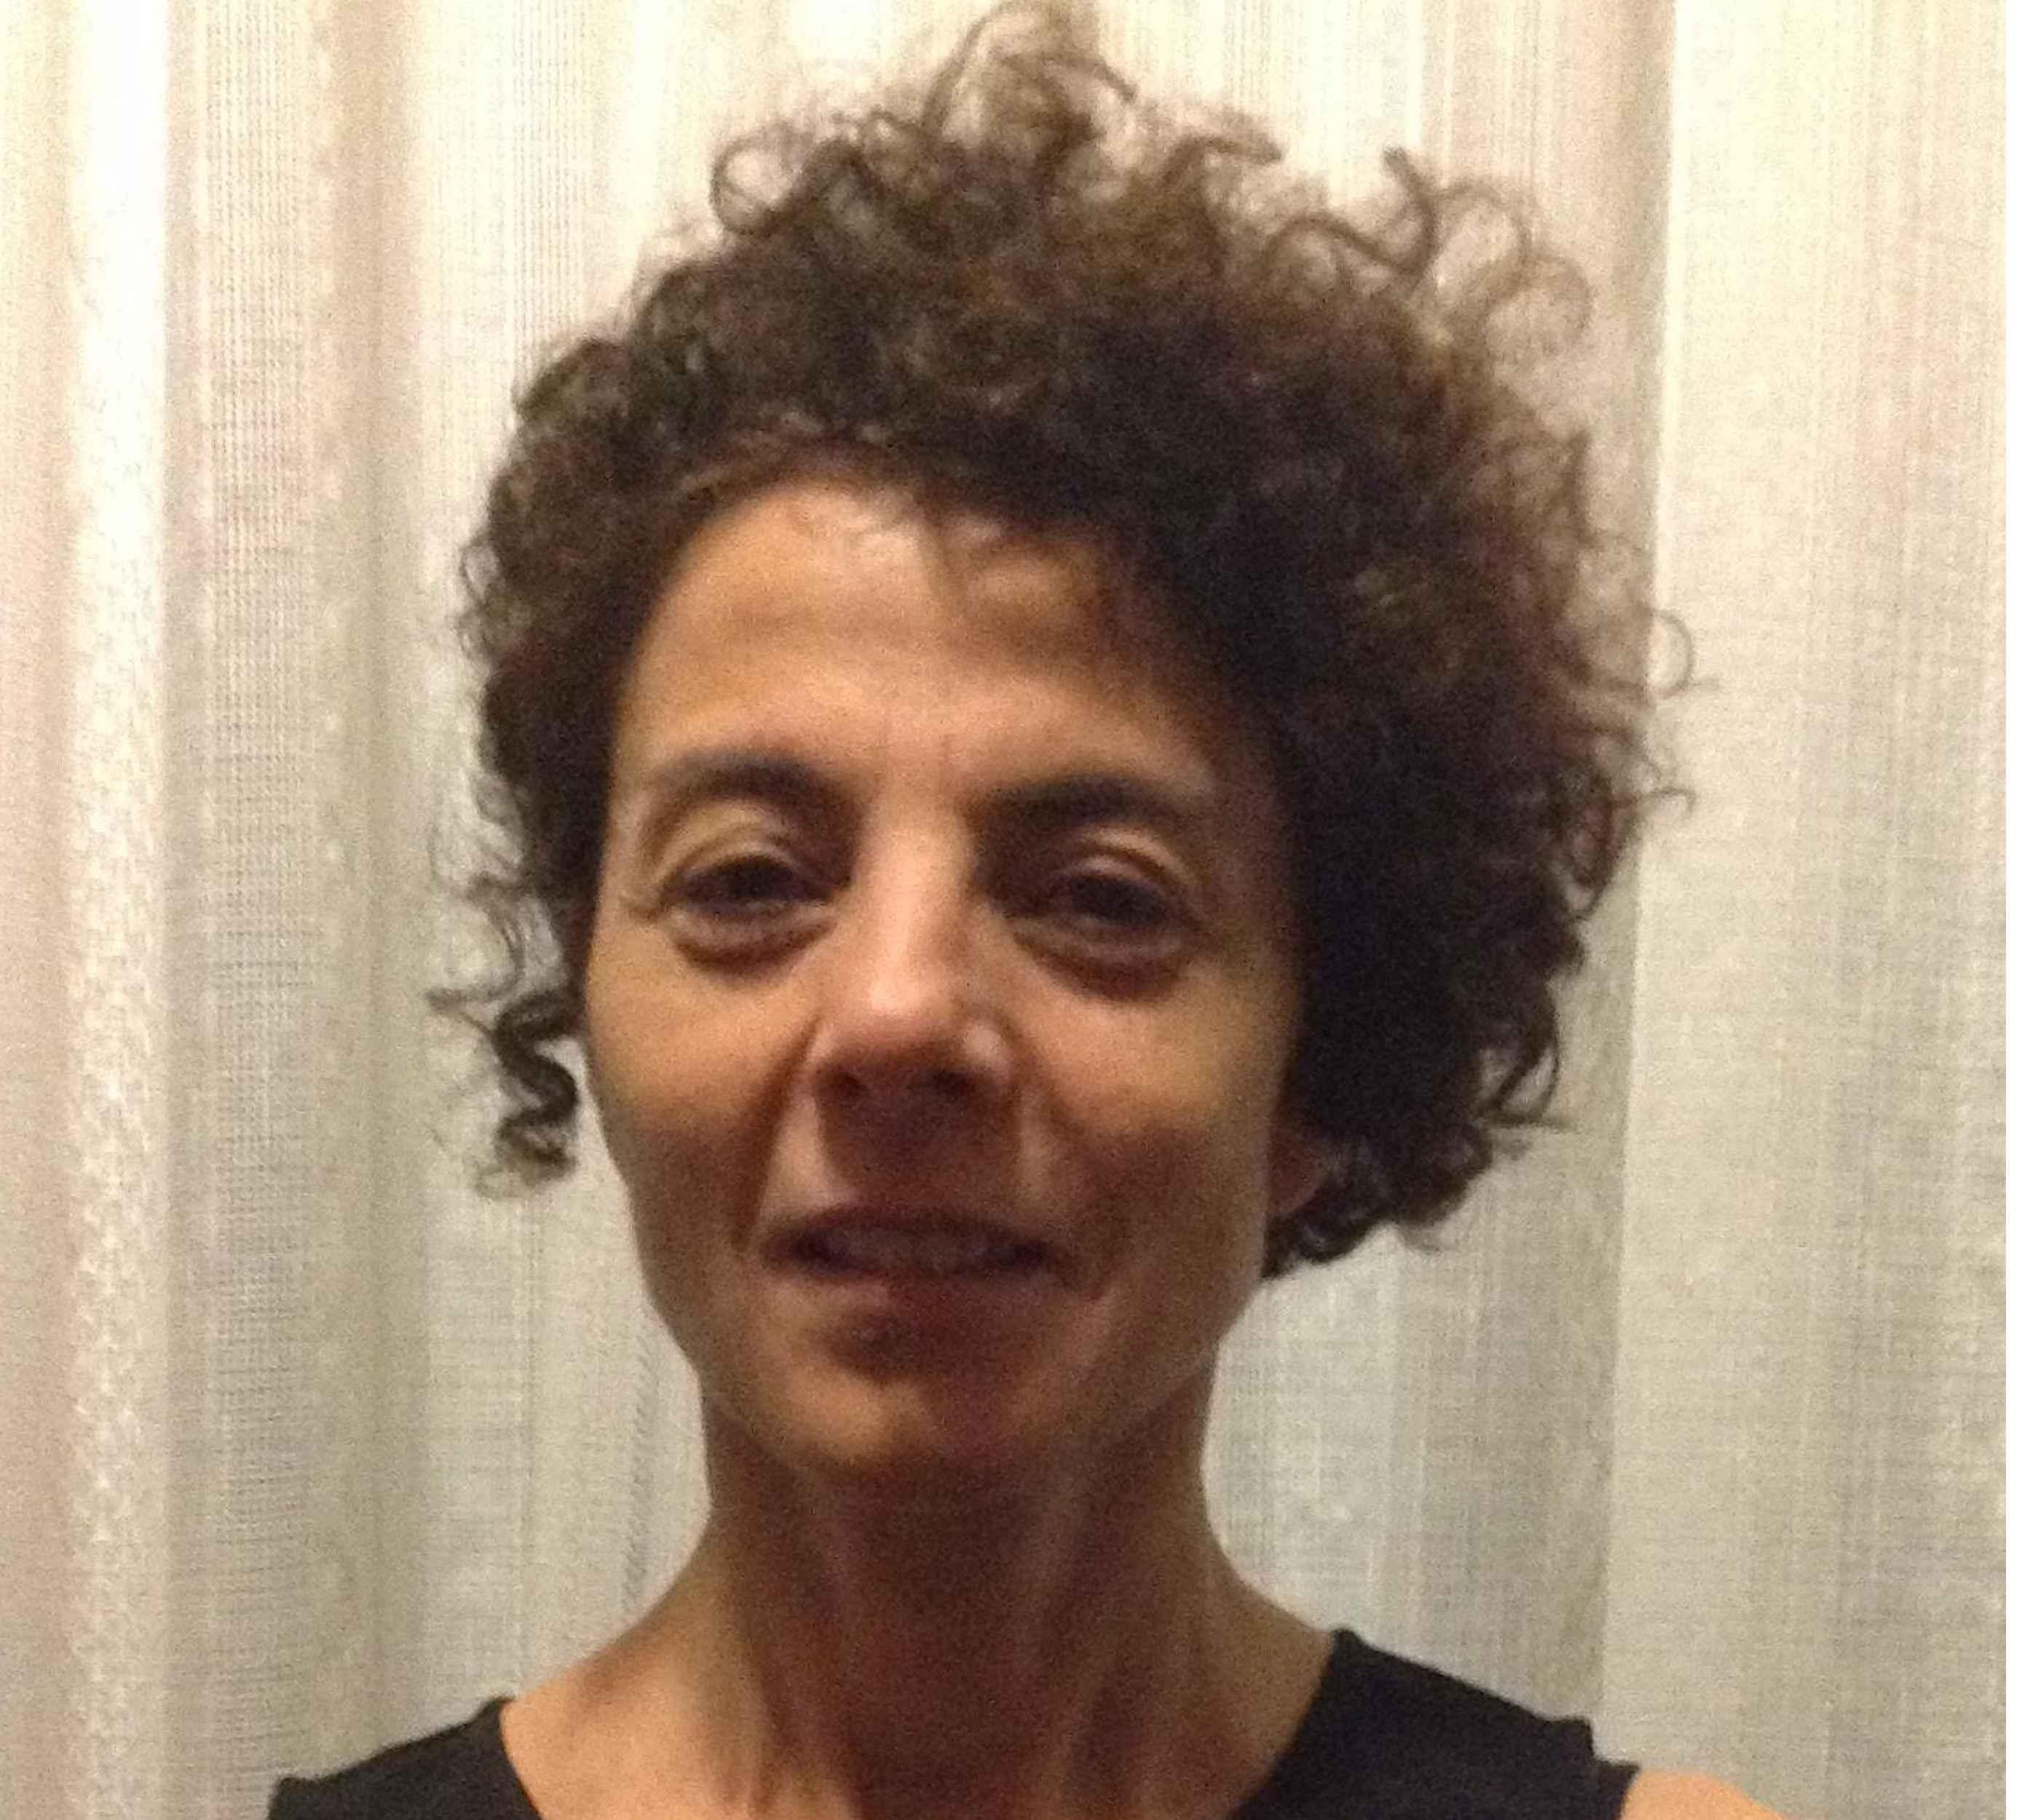 Dott. ssa Francesca Barillaro